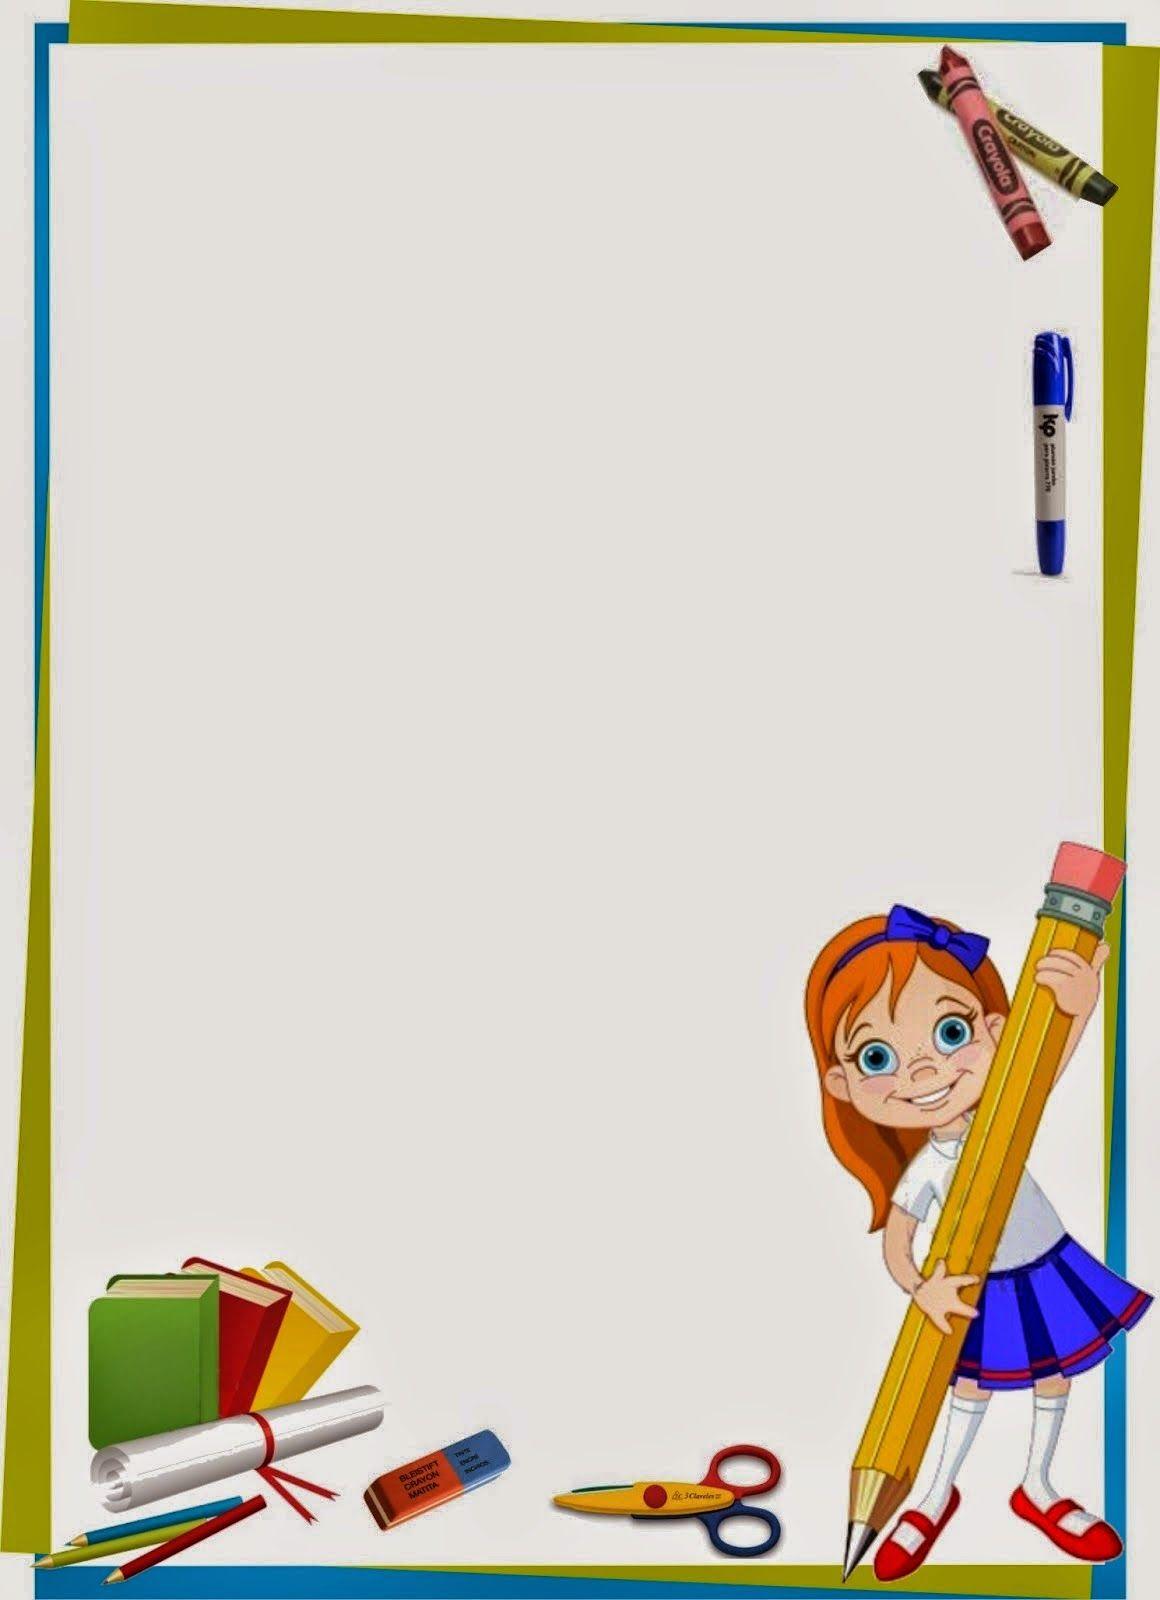 Caratulas para Cuadernos y Trabajos: Caratulas infantiles para ...